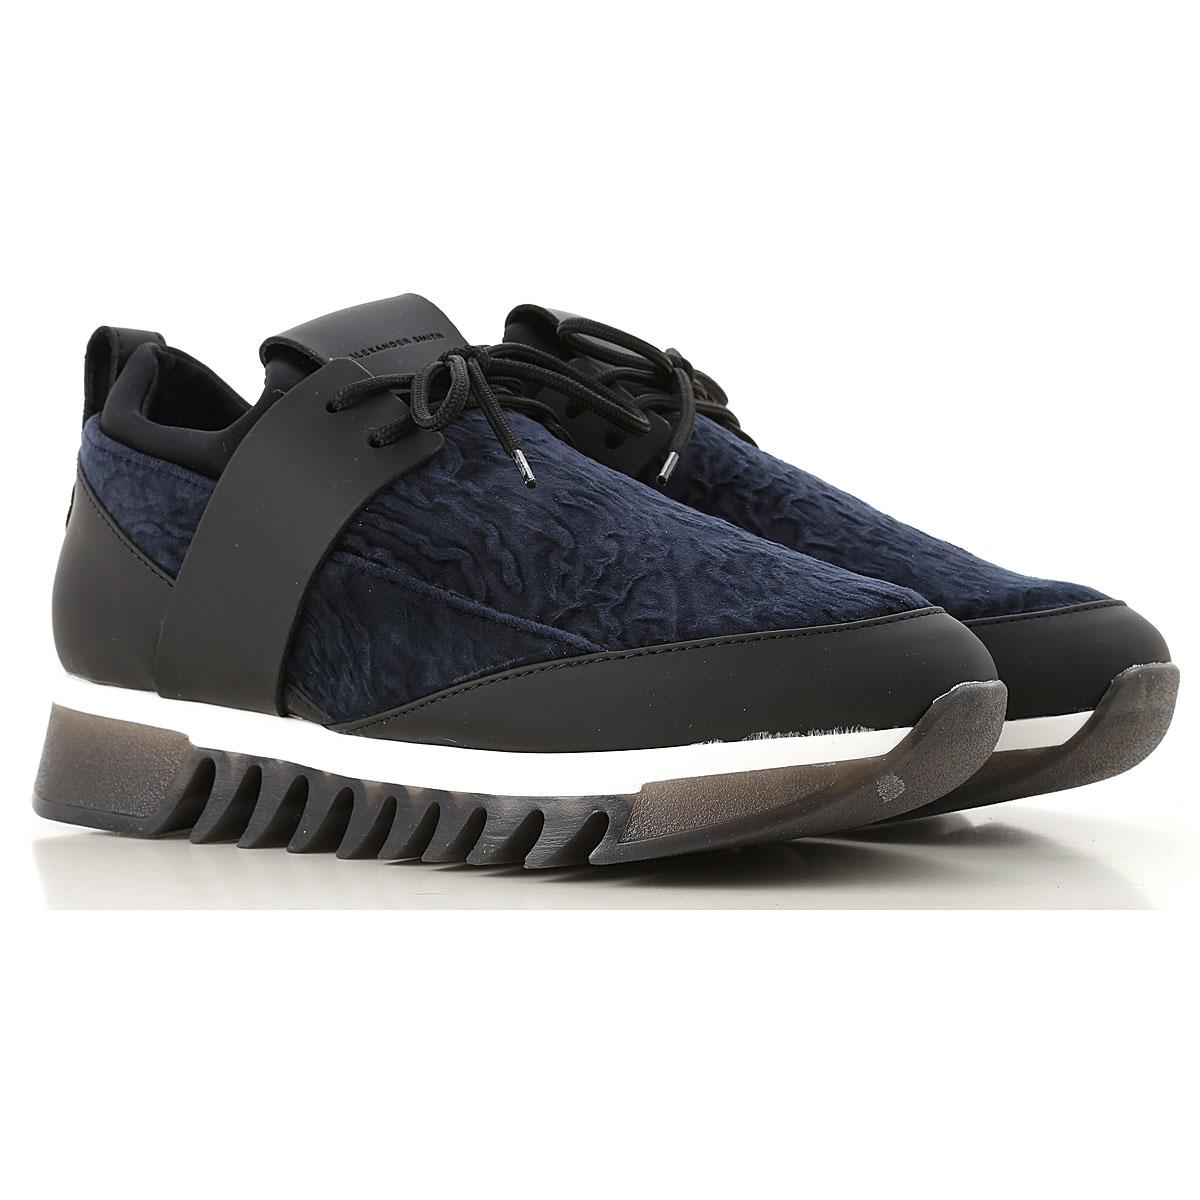 Image of Alexander Smith Sneakers for Women, Dark Blue, Velvet, 2017, 10 6 8 9